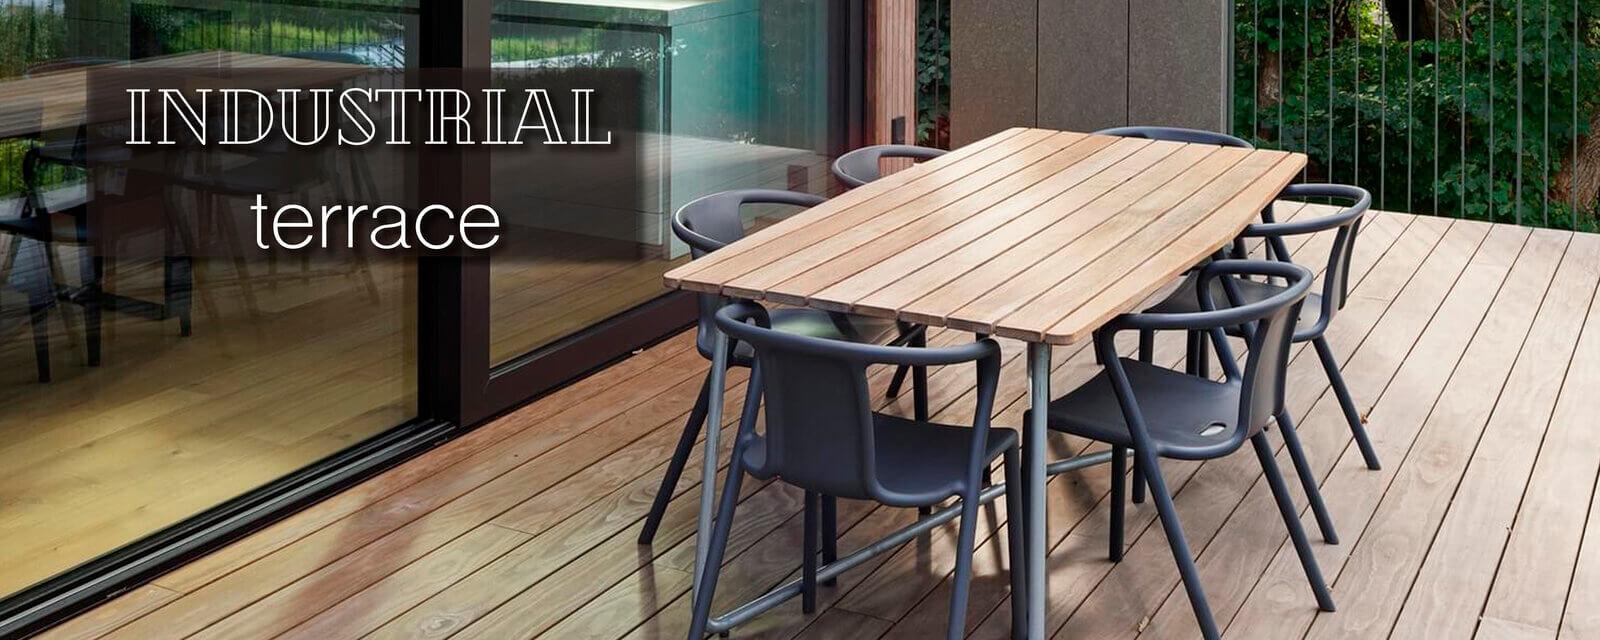 Industrial | Terrace